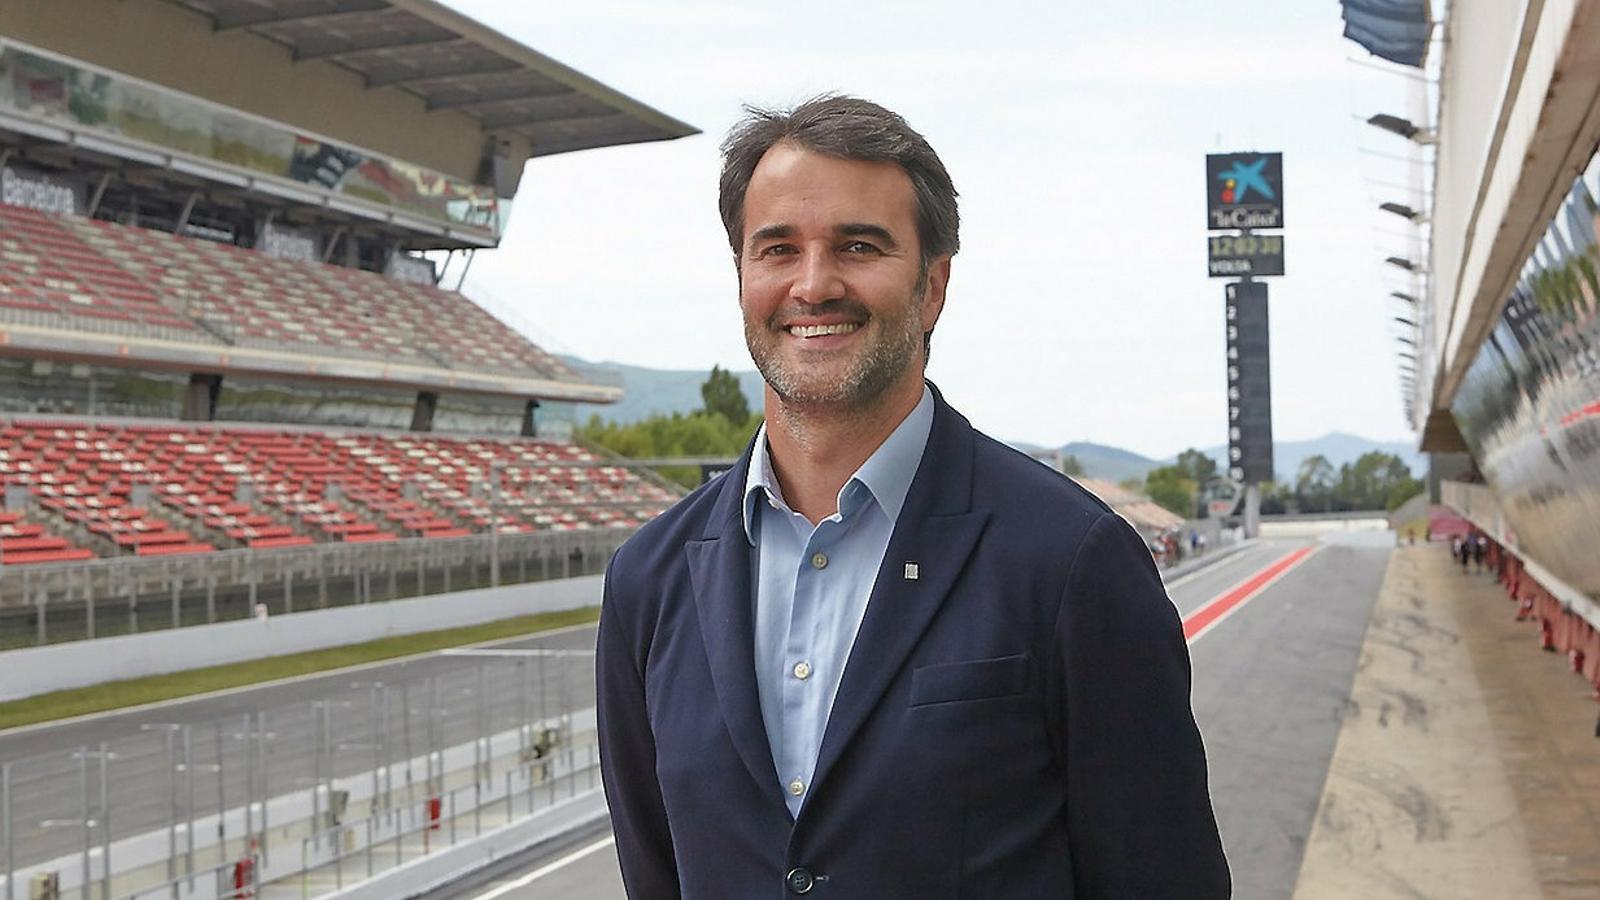 """Joan Fontserè: """"L'acord per a la F1 va tirant endavant, soc optimista"""""""